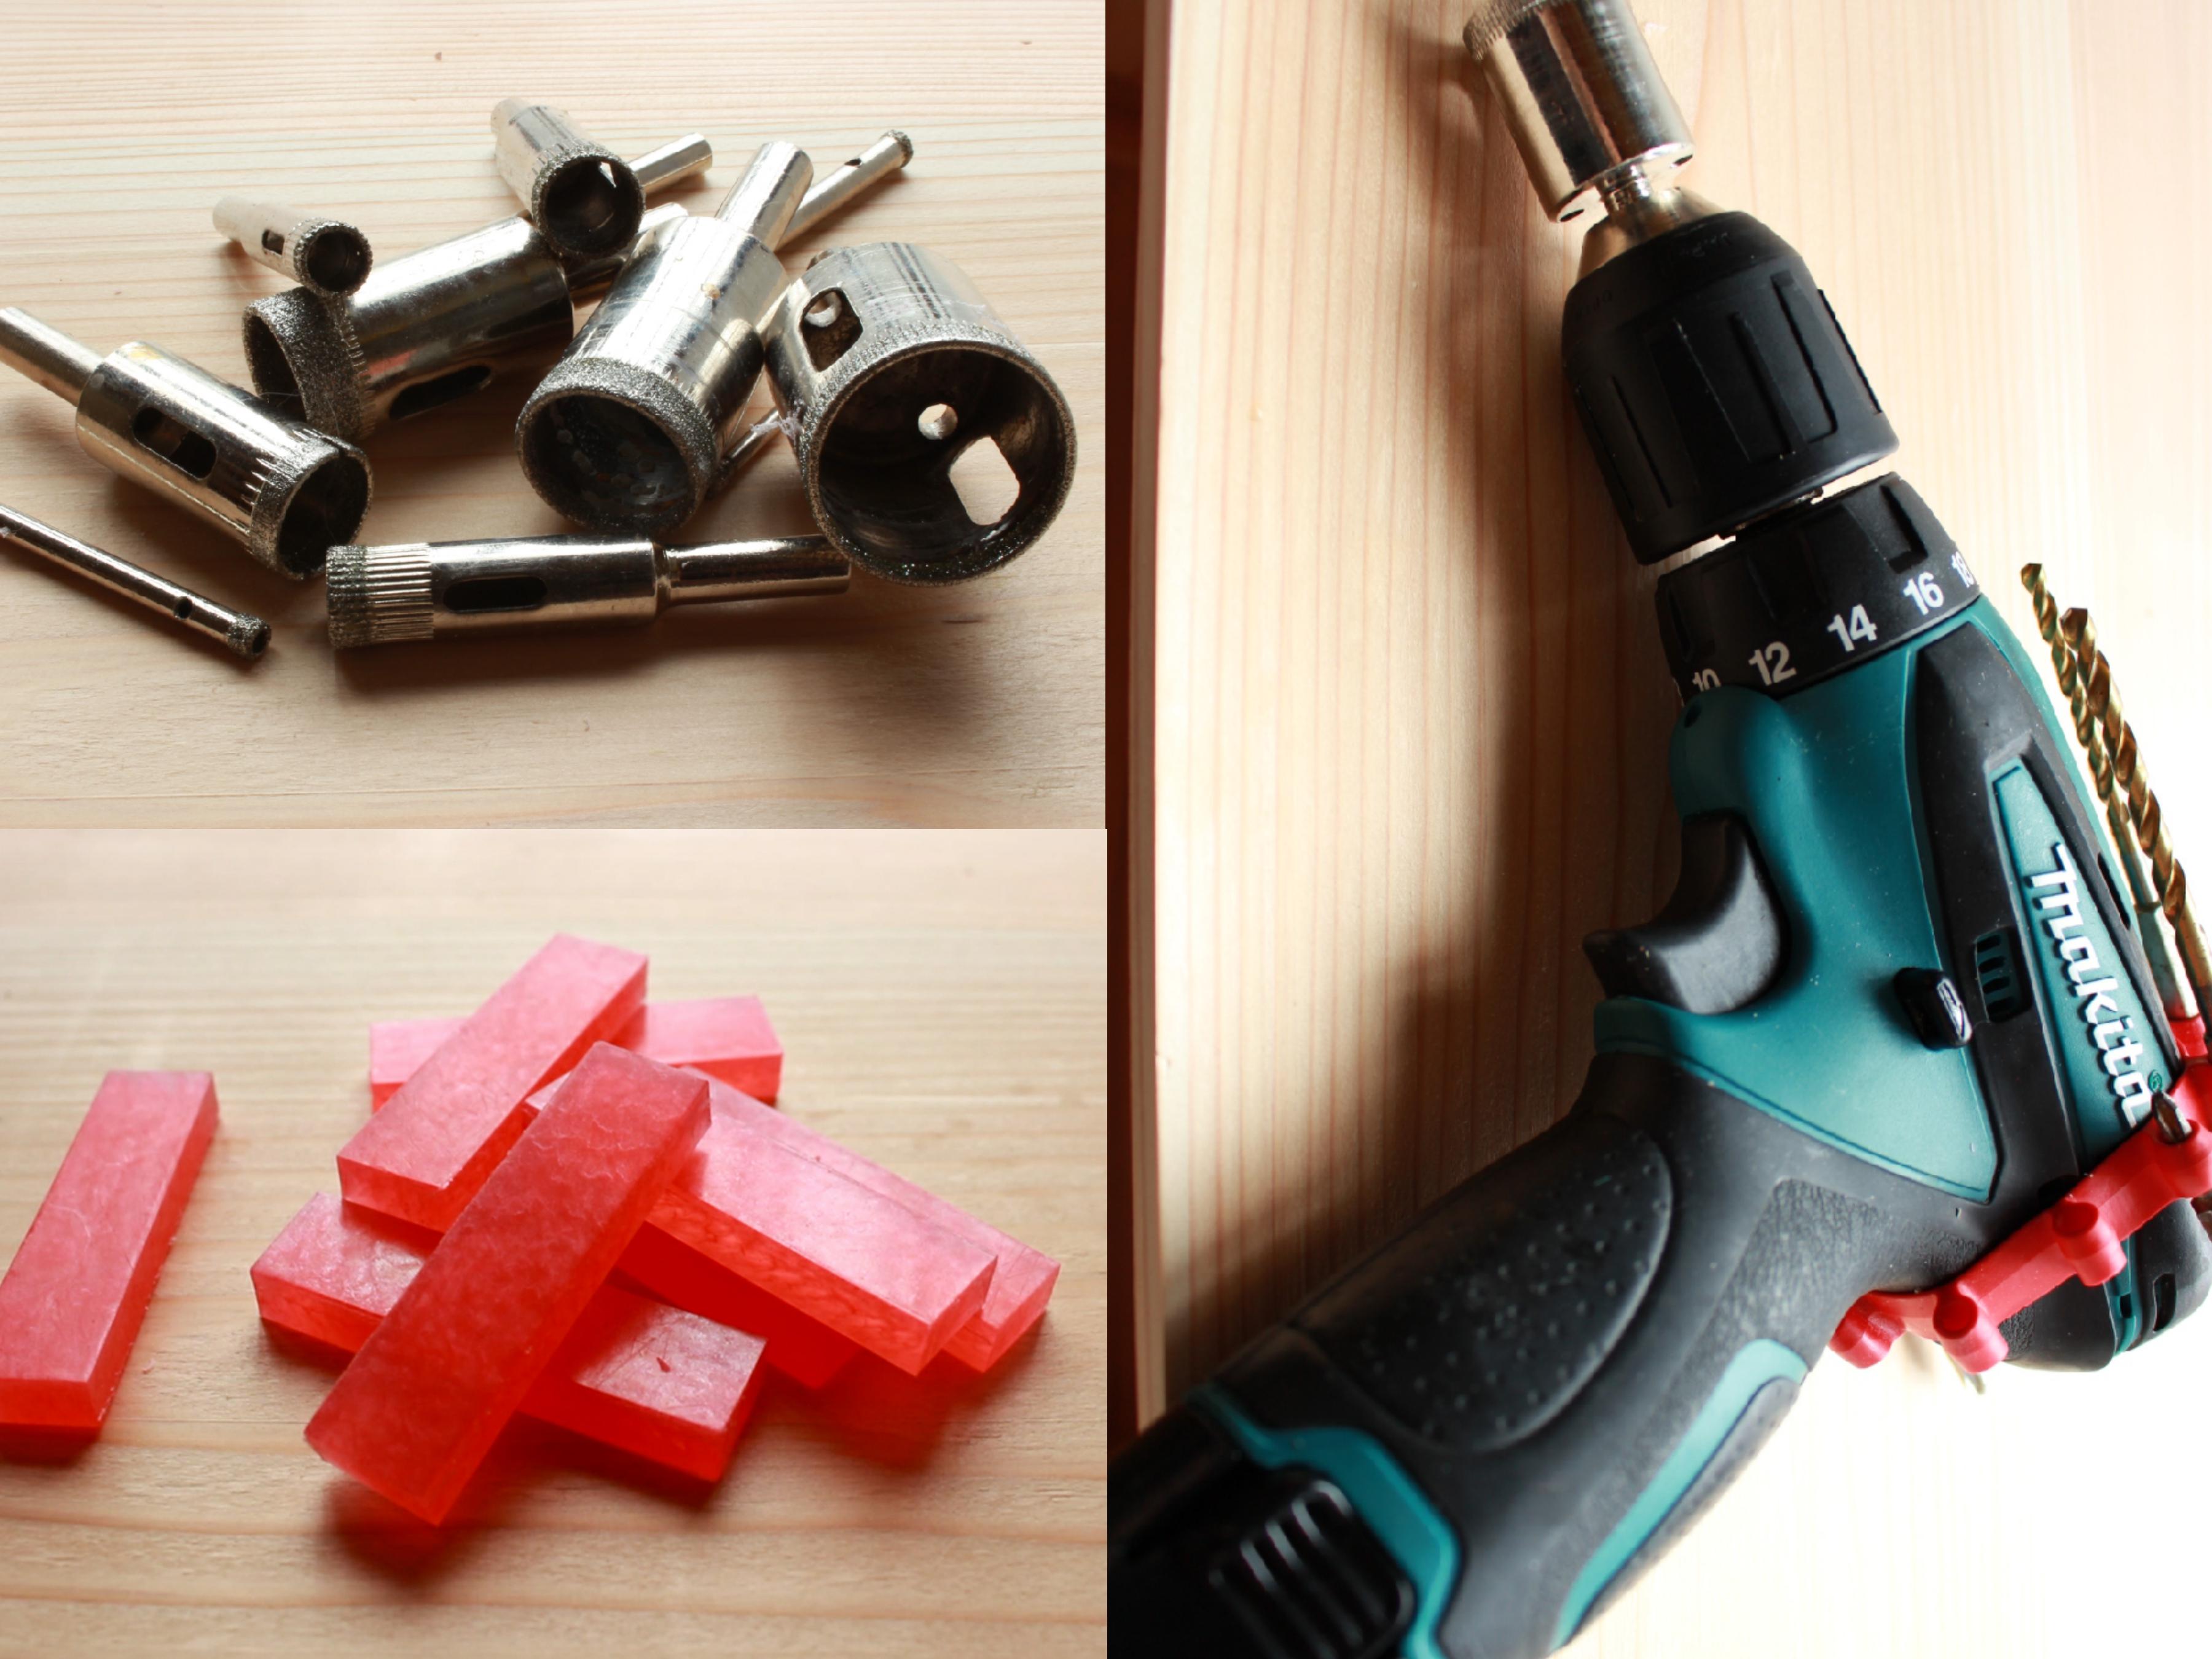 空き瓶に穴をあけるために必要な工具